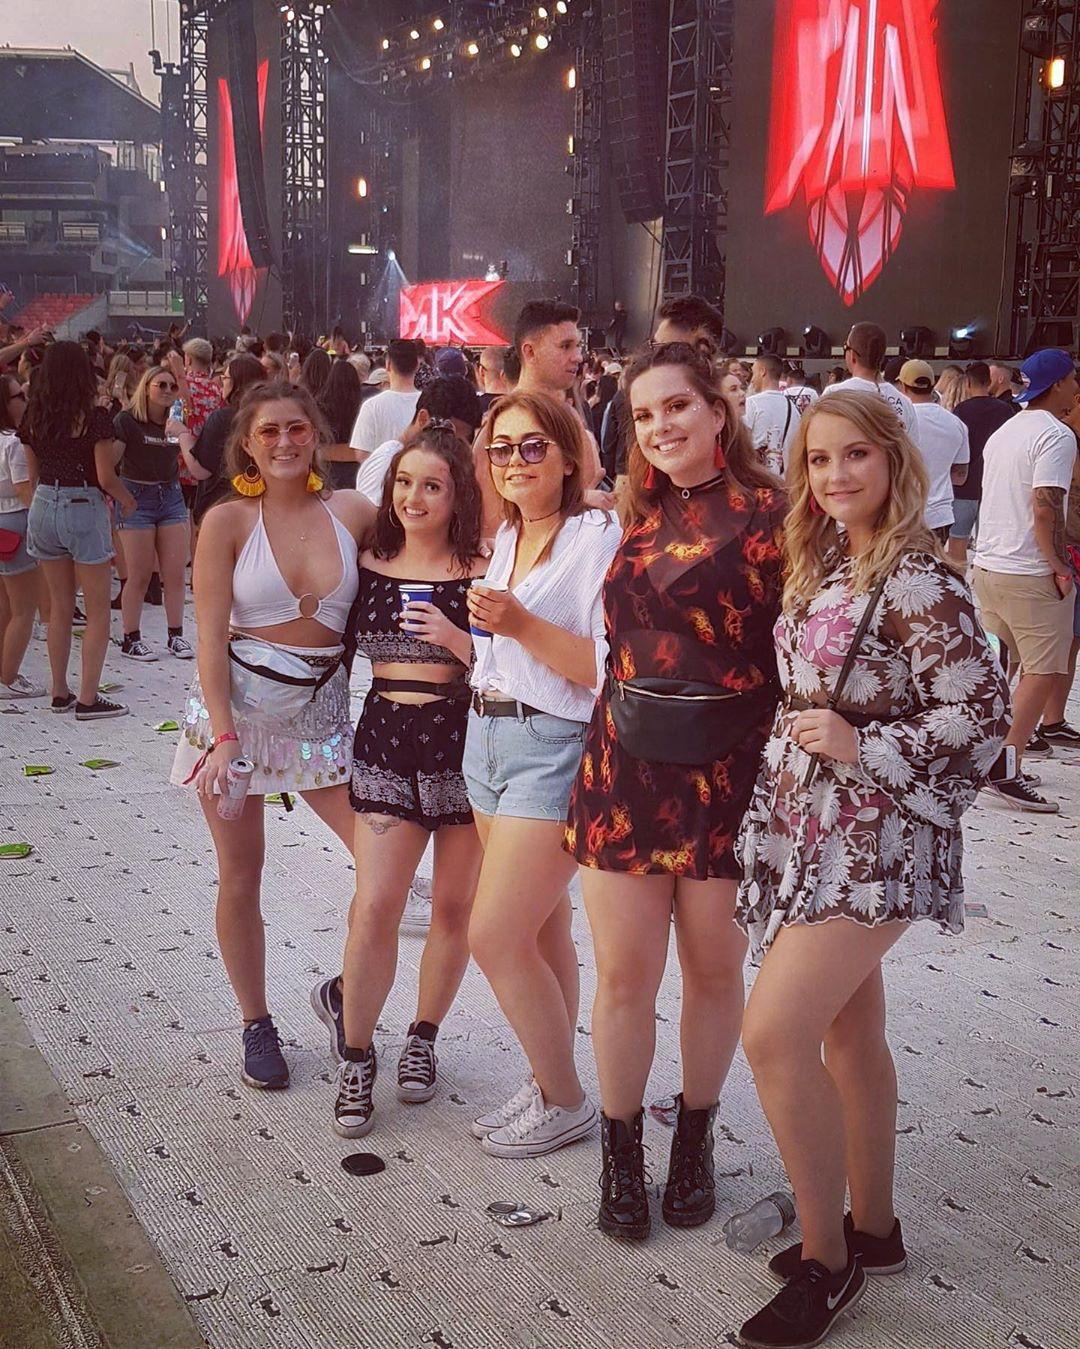 Посетители музыкального Festival X в Сиднее